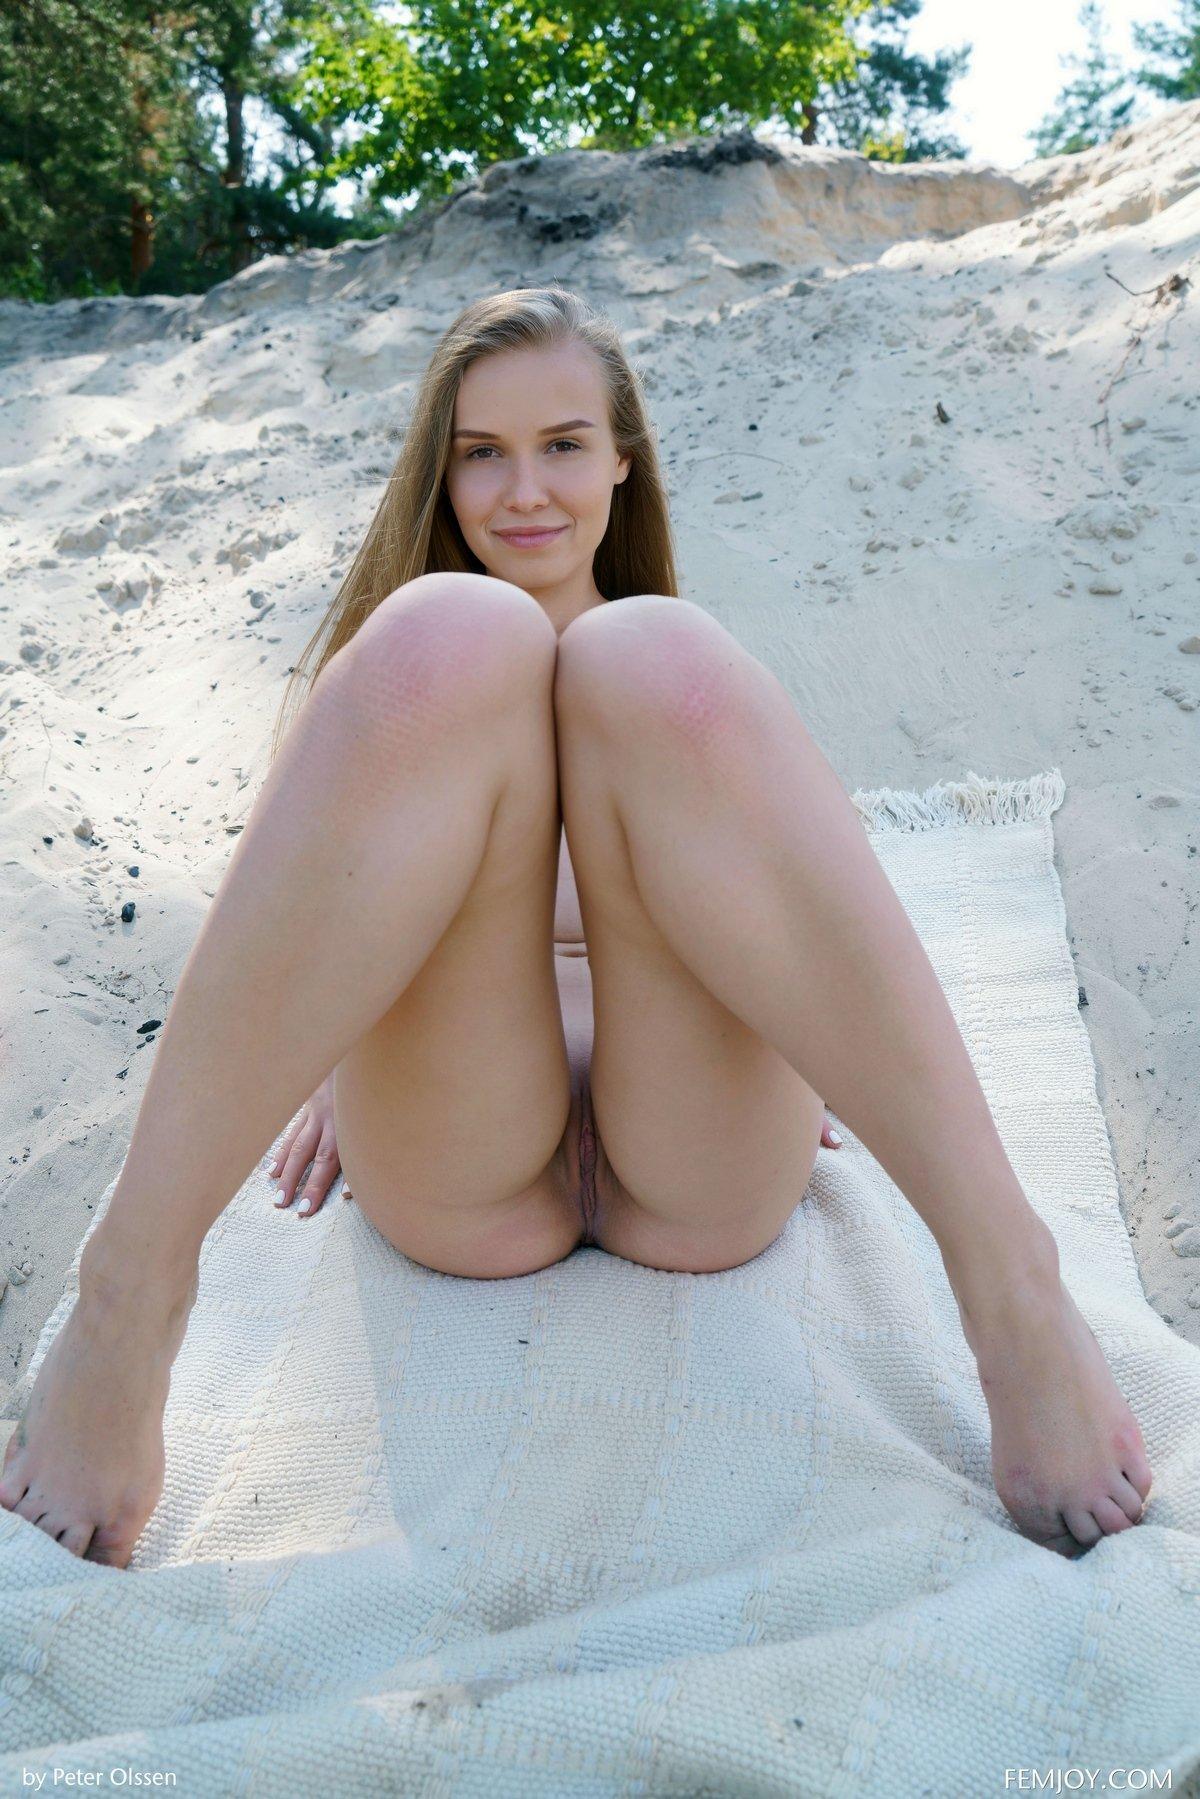 Девушка с длинными волосами сняла купальник на природе